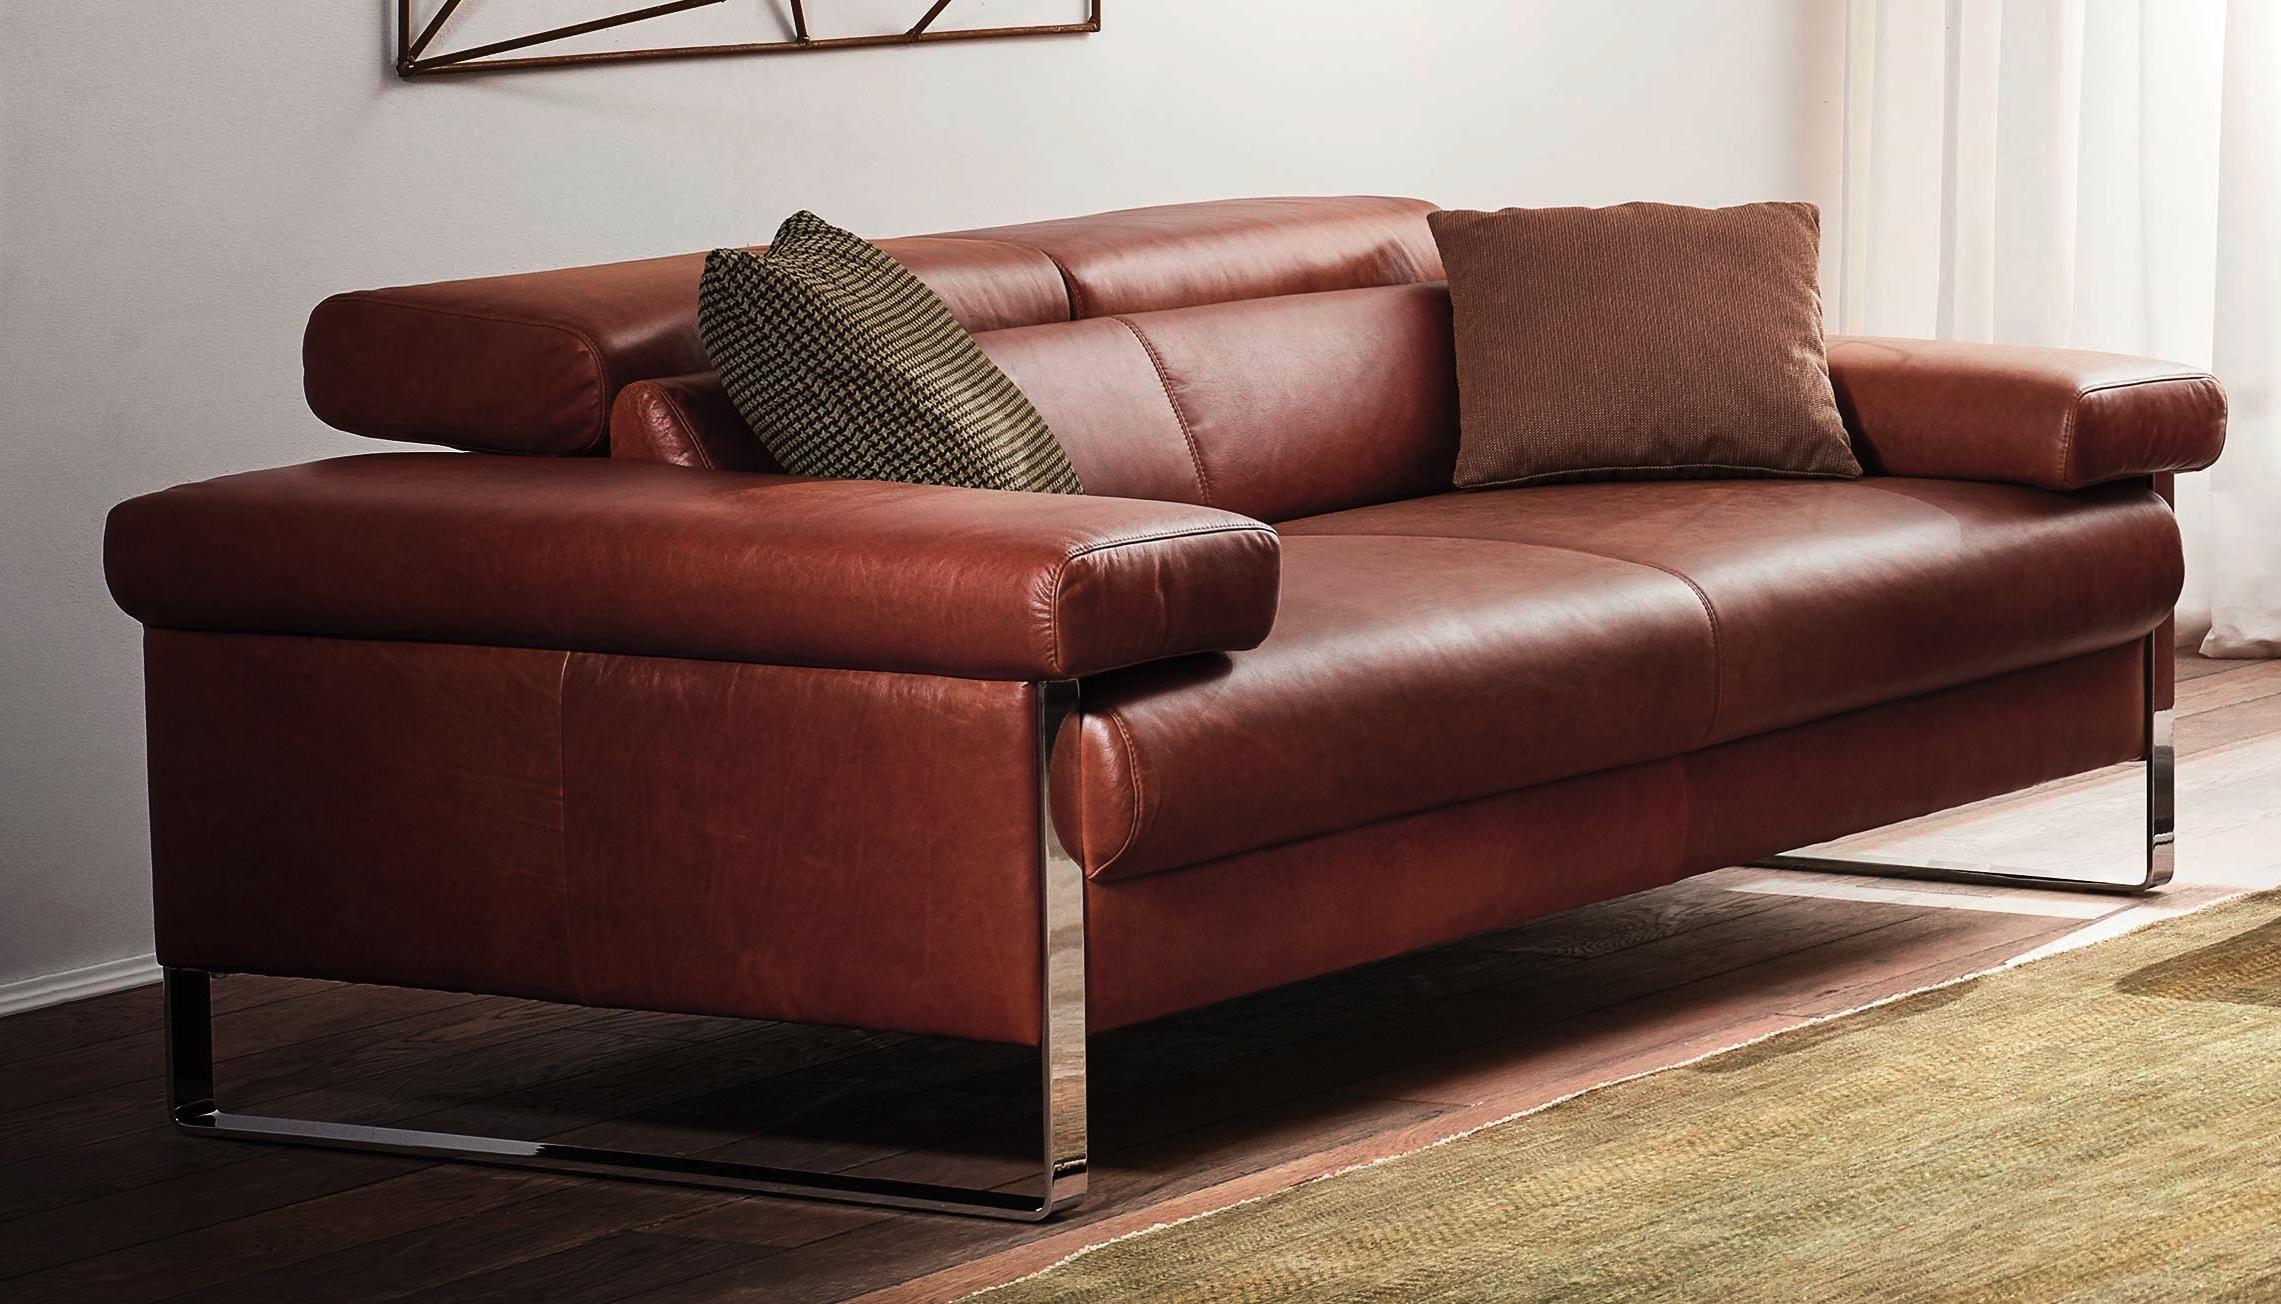 Ein Sofa Das Dich Auf Zeitreise Mitnimmt Dank Seiner Farbe Und